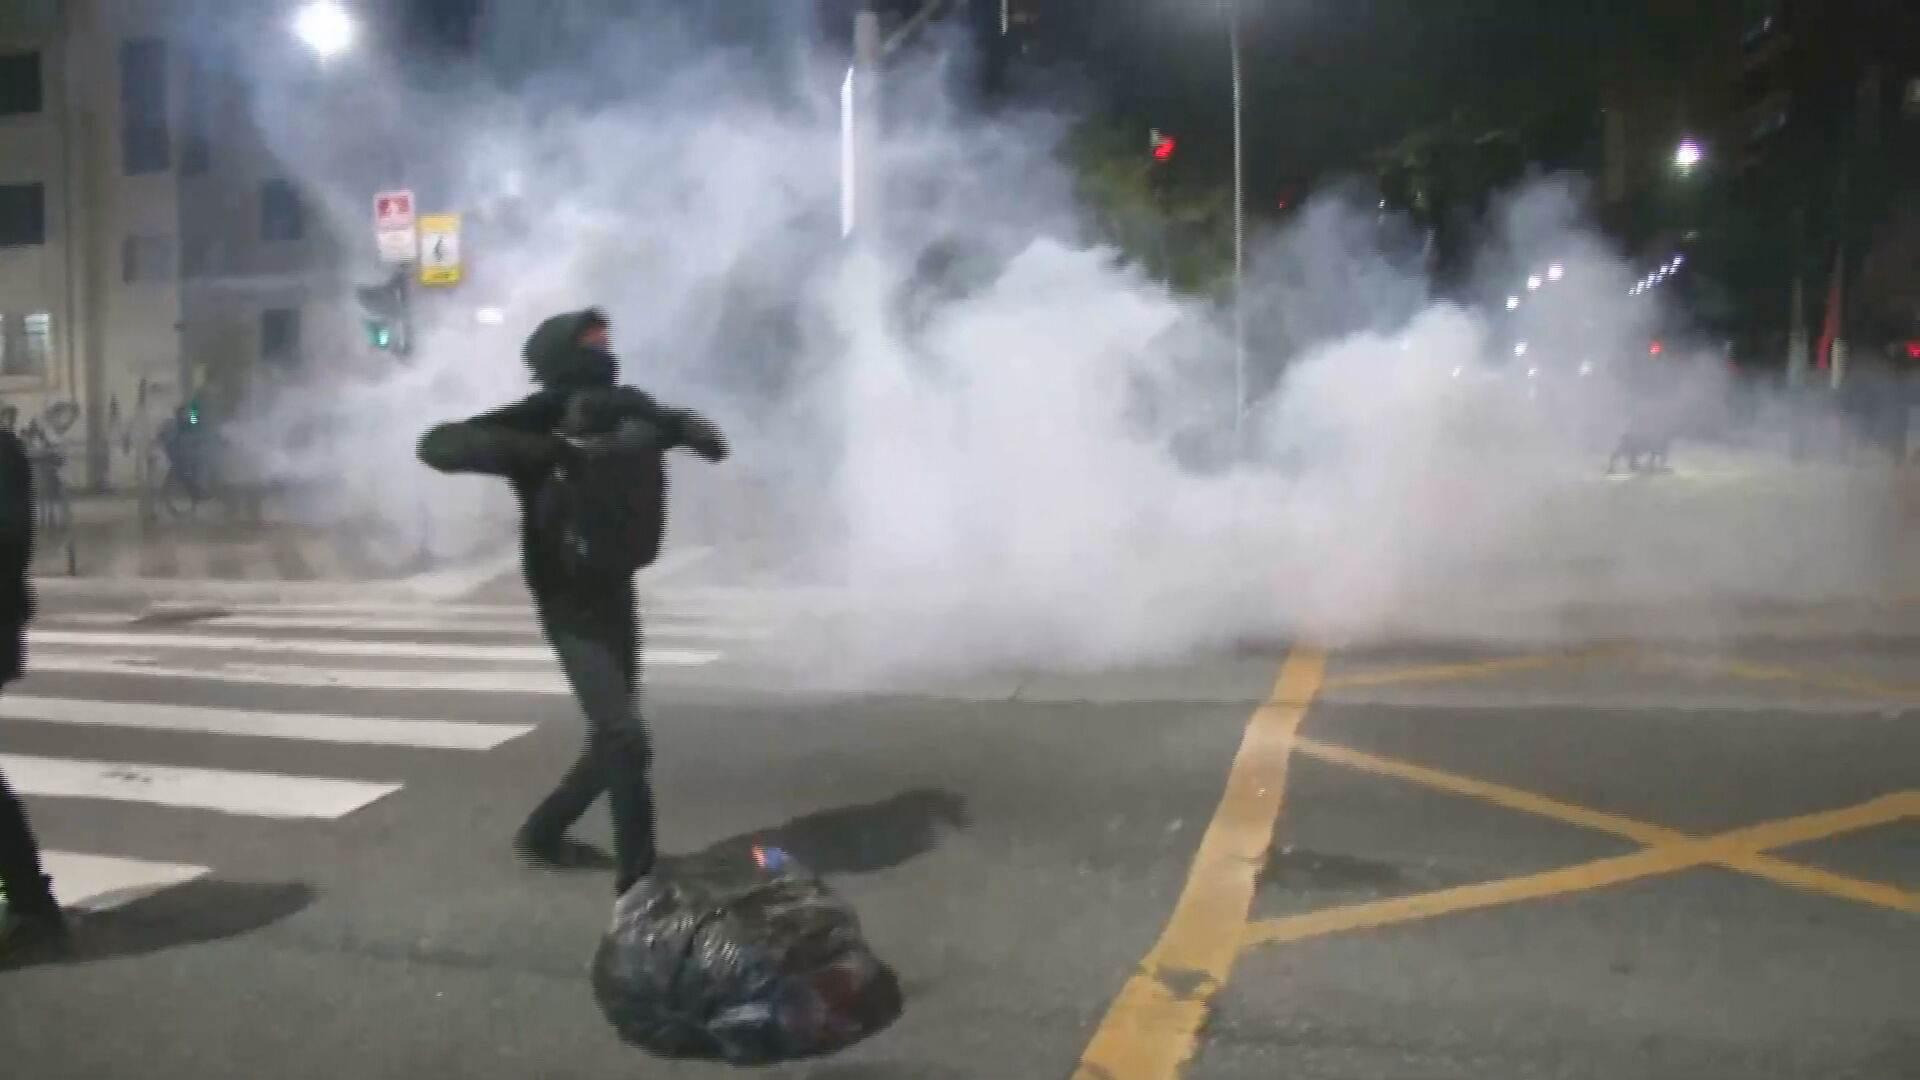 Protesto contra o governo termina em confronto com policiais em SP (24.Jul.2021)